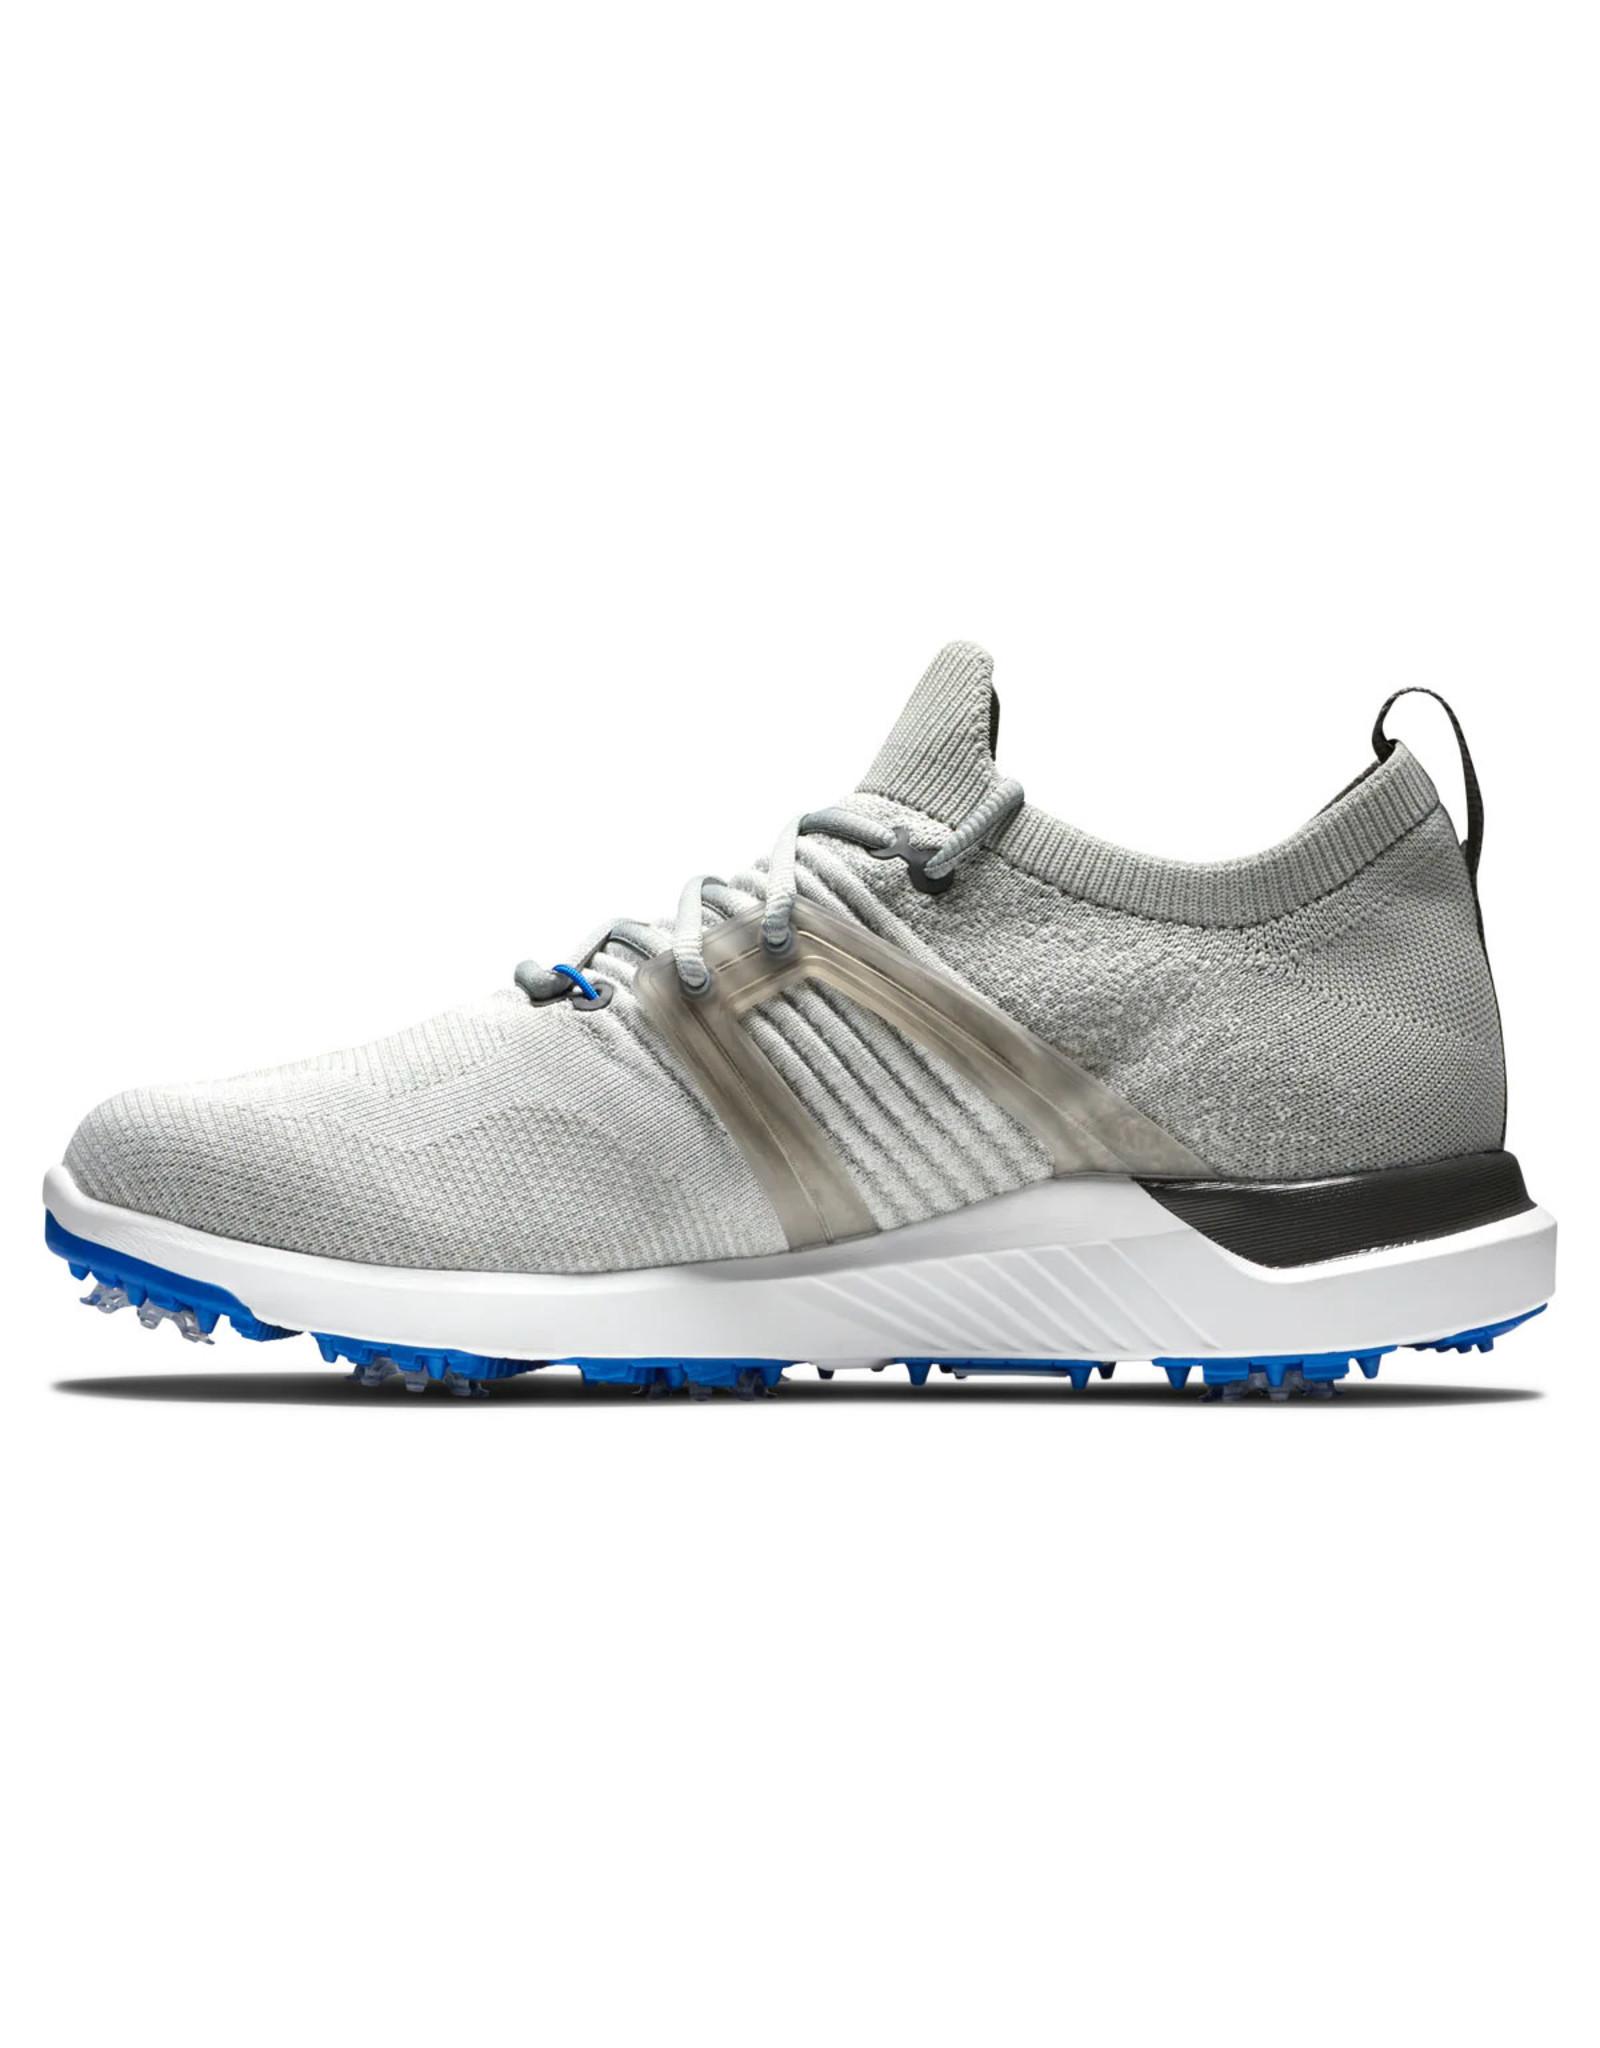 FootJoy FootJoy Hyperflex Grey